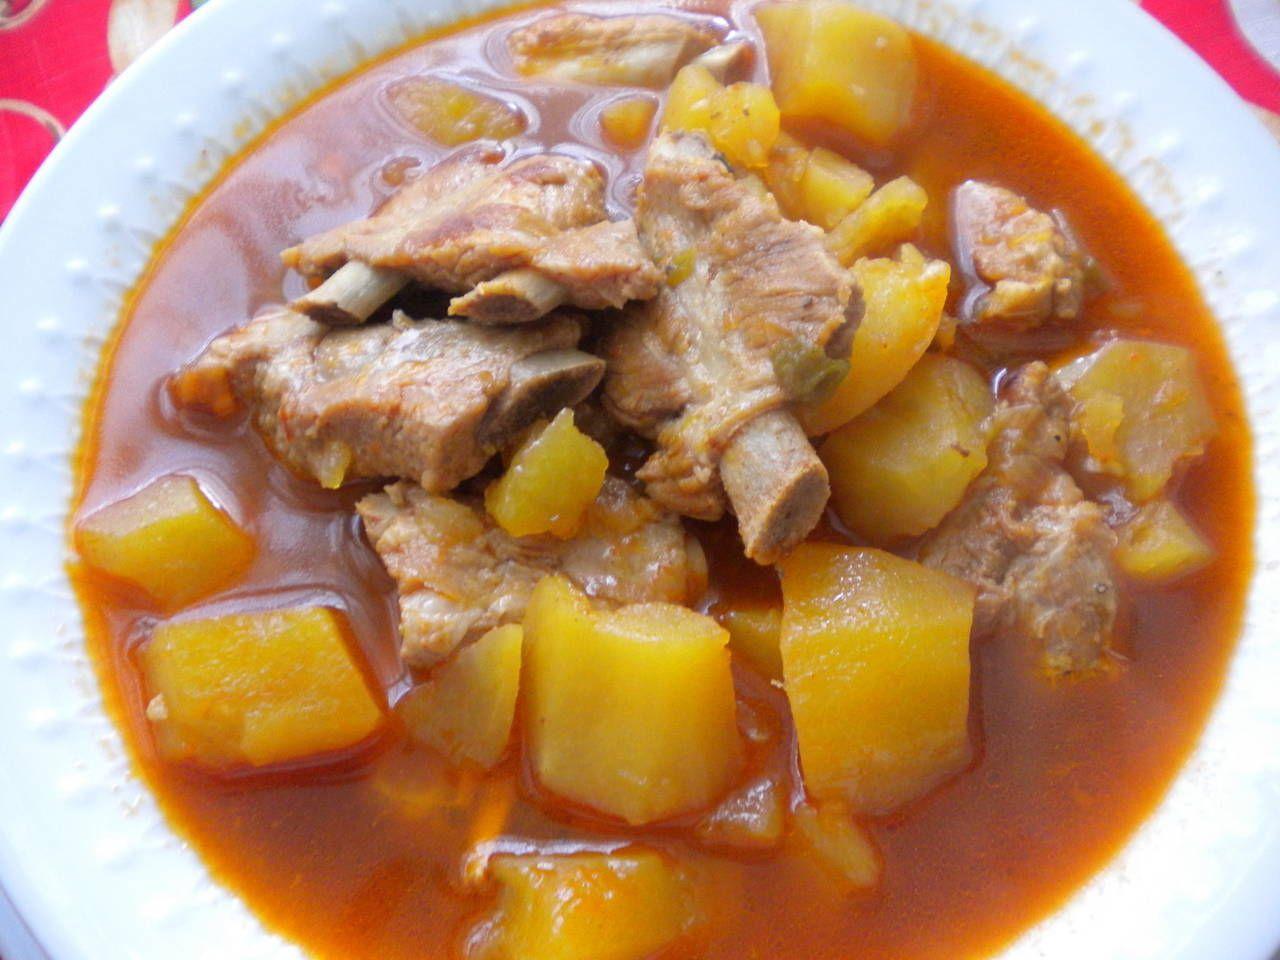 Estofado De Patatas Y Costilla Receta Estofado De Cerdo Cerdo Con Patatas Receta Estofado